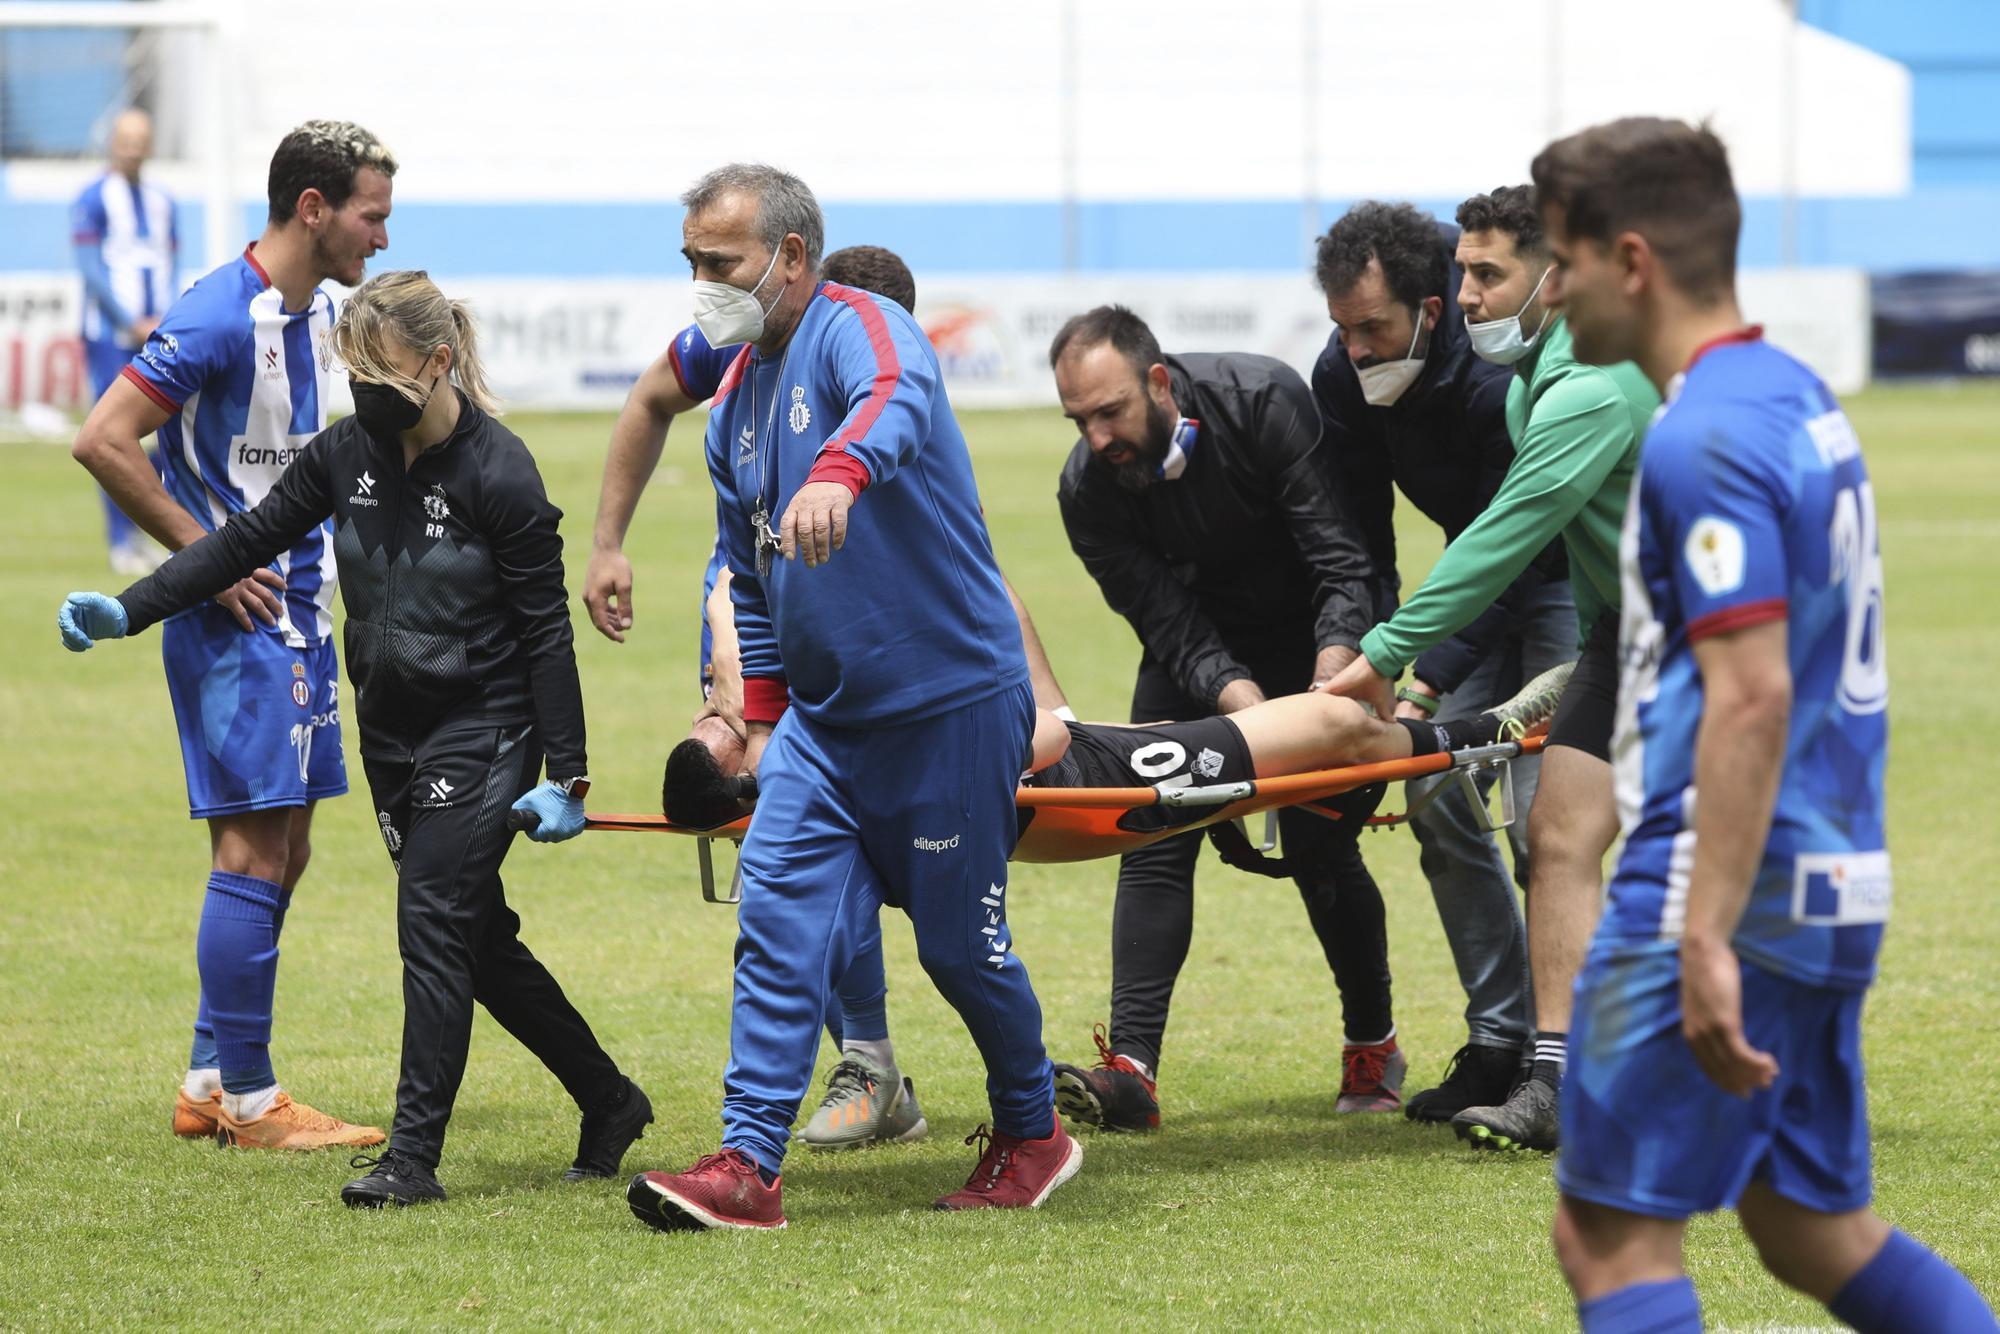 El Suárez Puerta se queda helado con la grave lesión de Cristian, jugador del Caudal